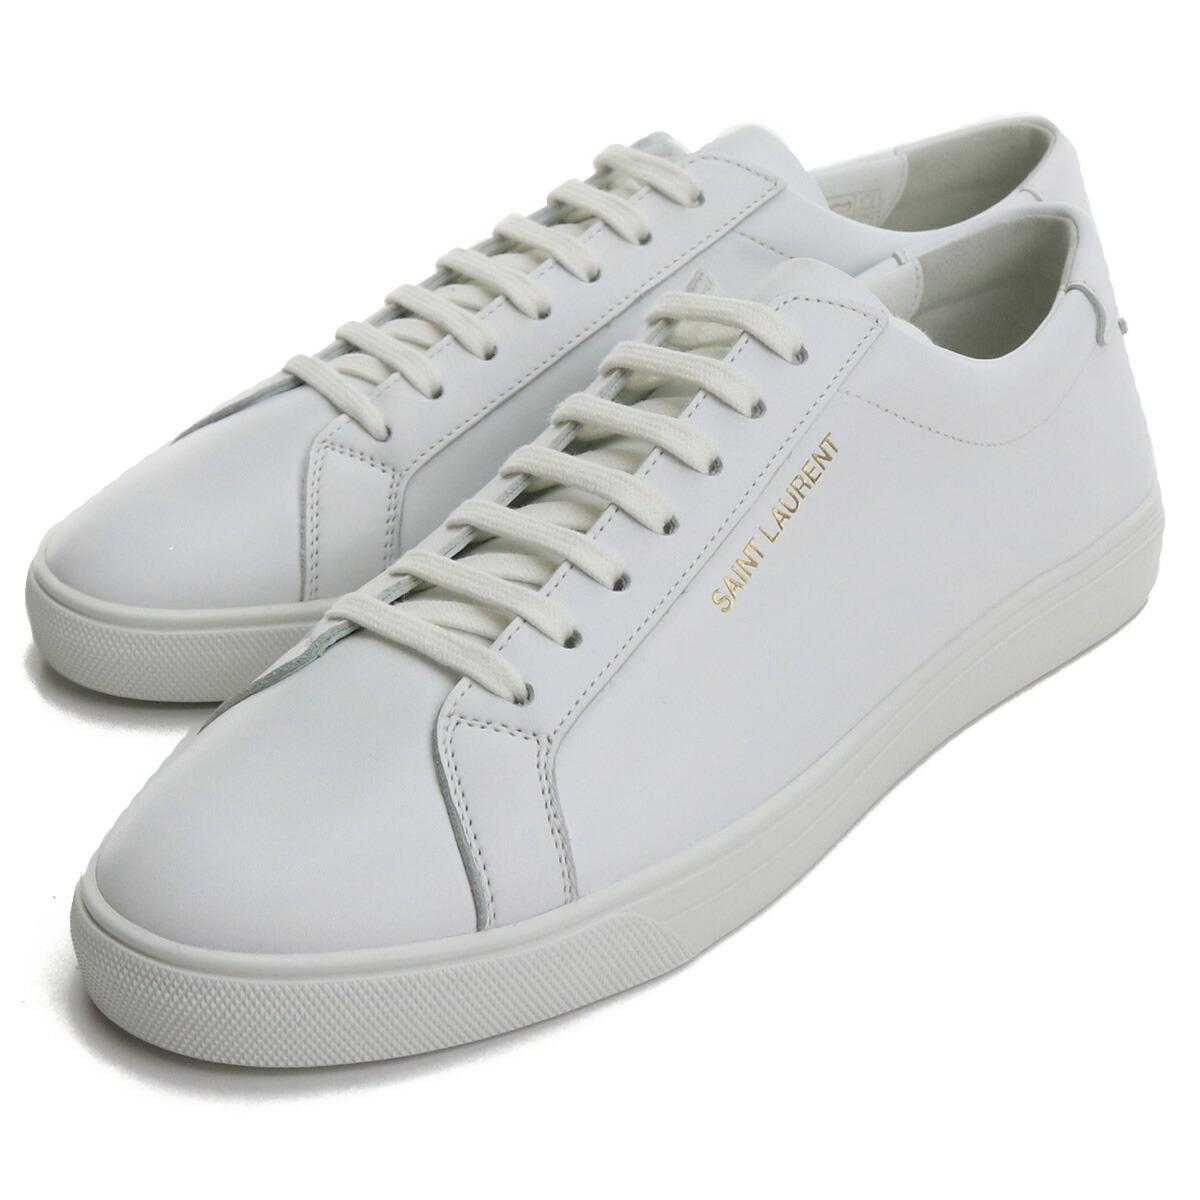 サンローラン SAINT LAURENT メンズスニーカー 606833 0M500 9030 ホワイト系 bos-14 shoes-01 メンズ